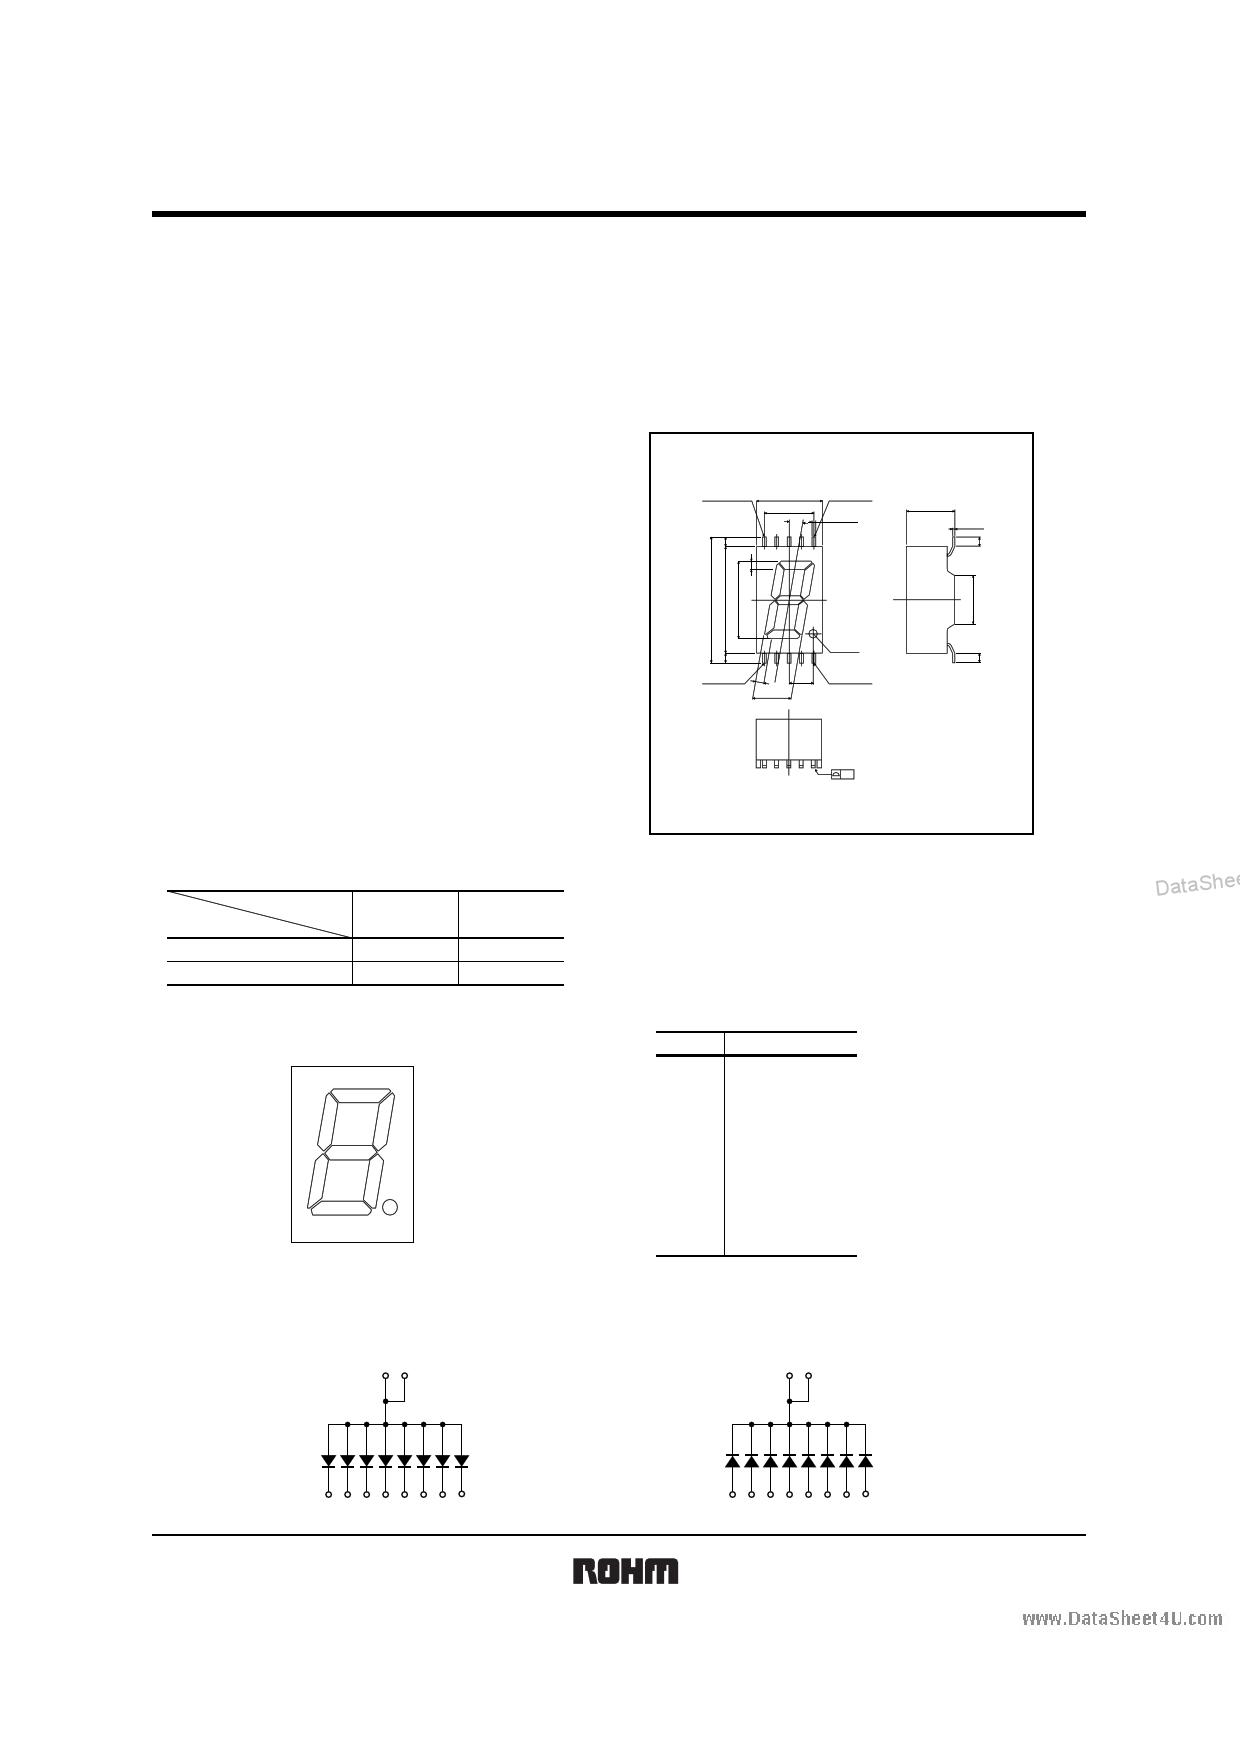 Lf 301k Datasheet Pinout